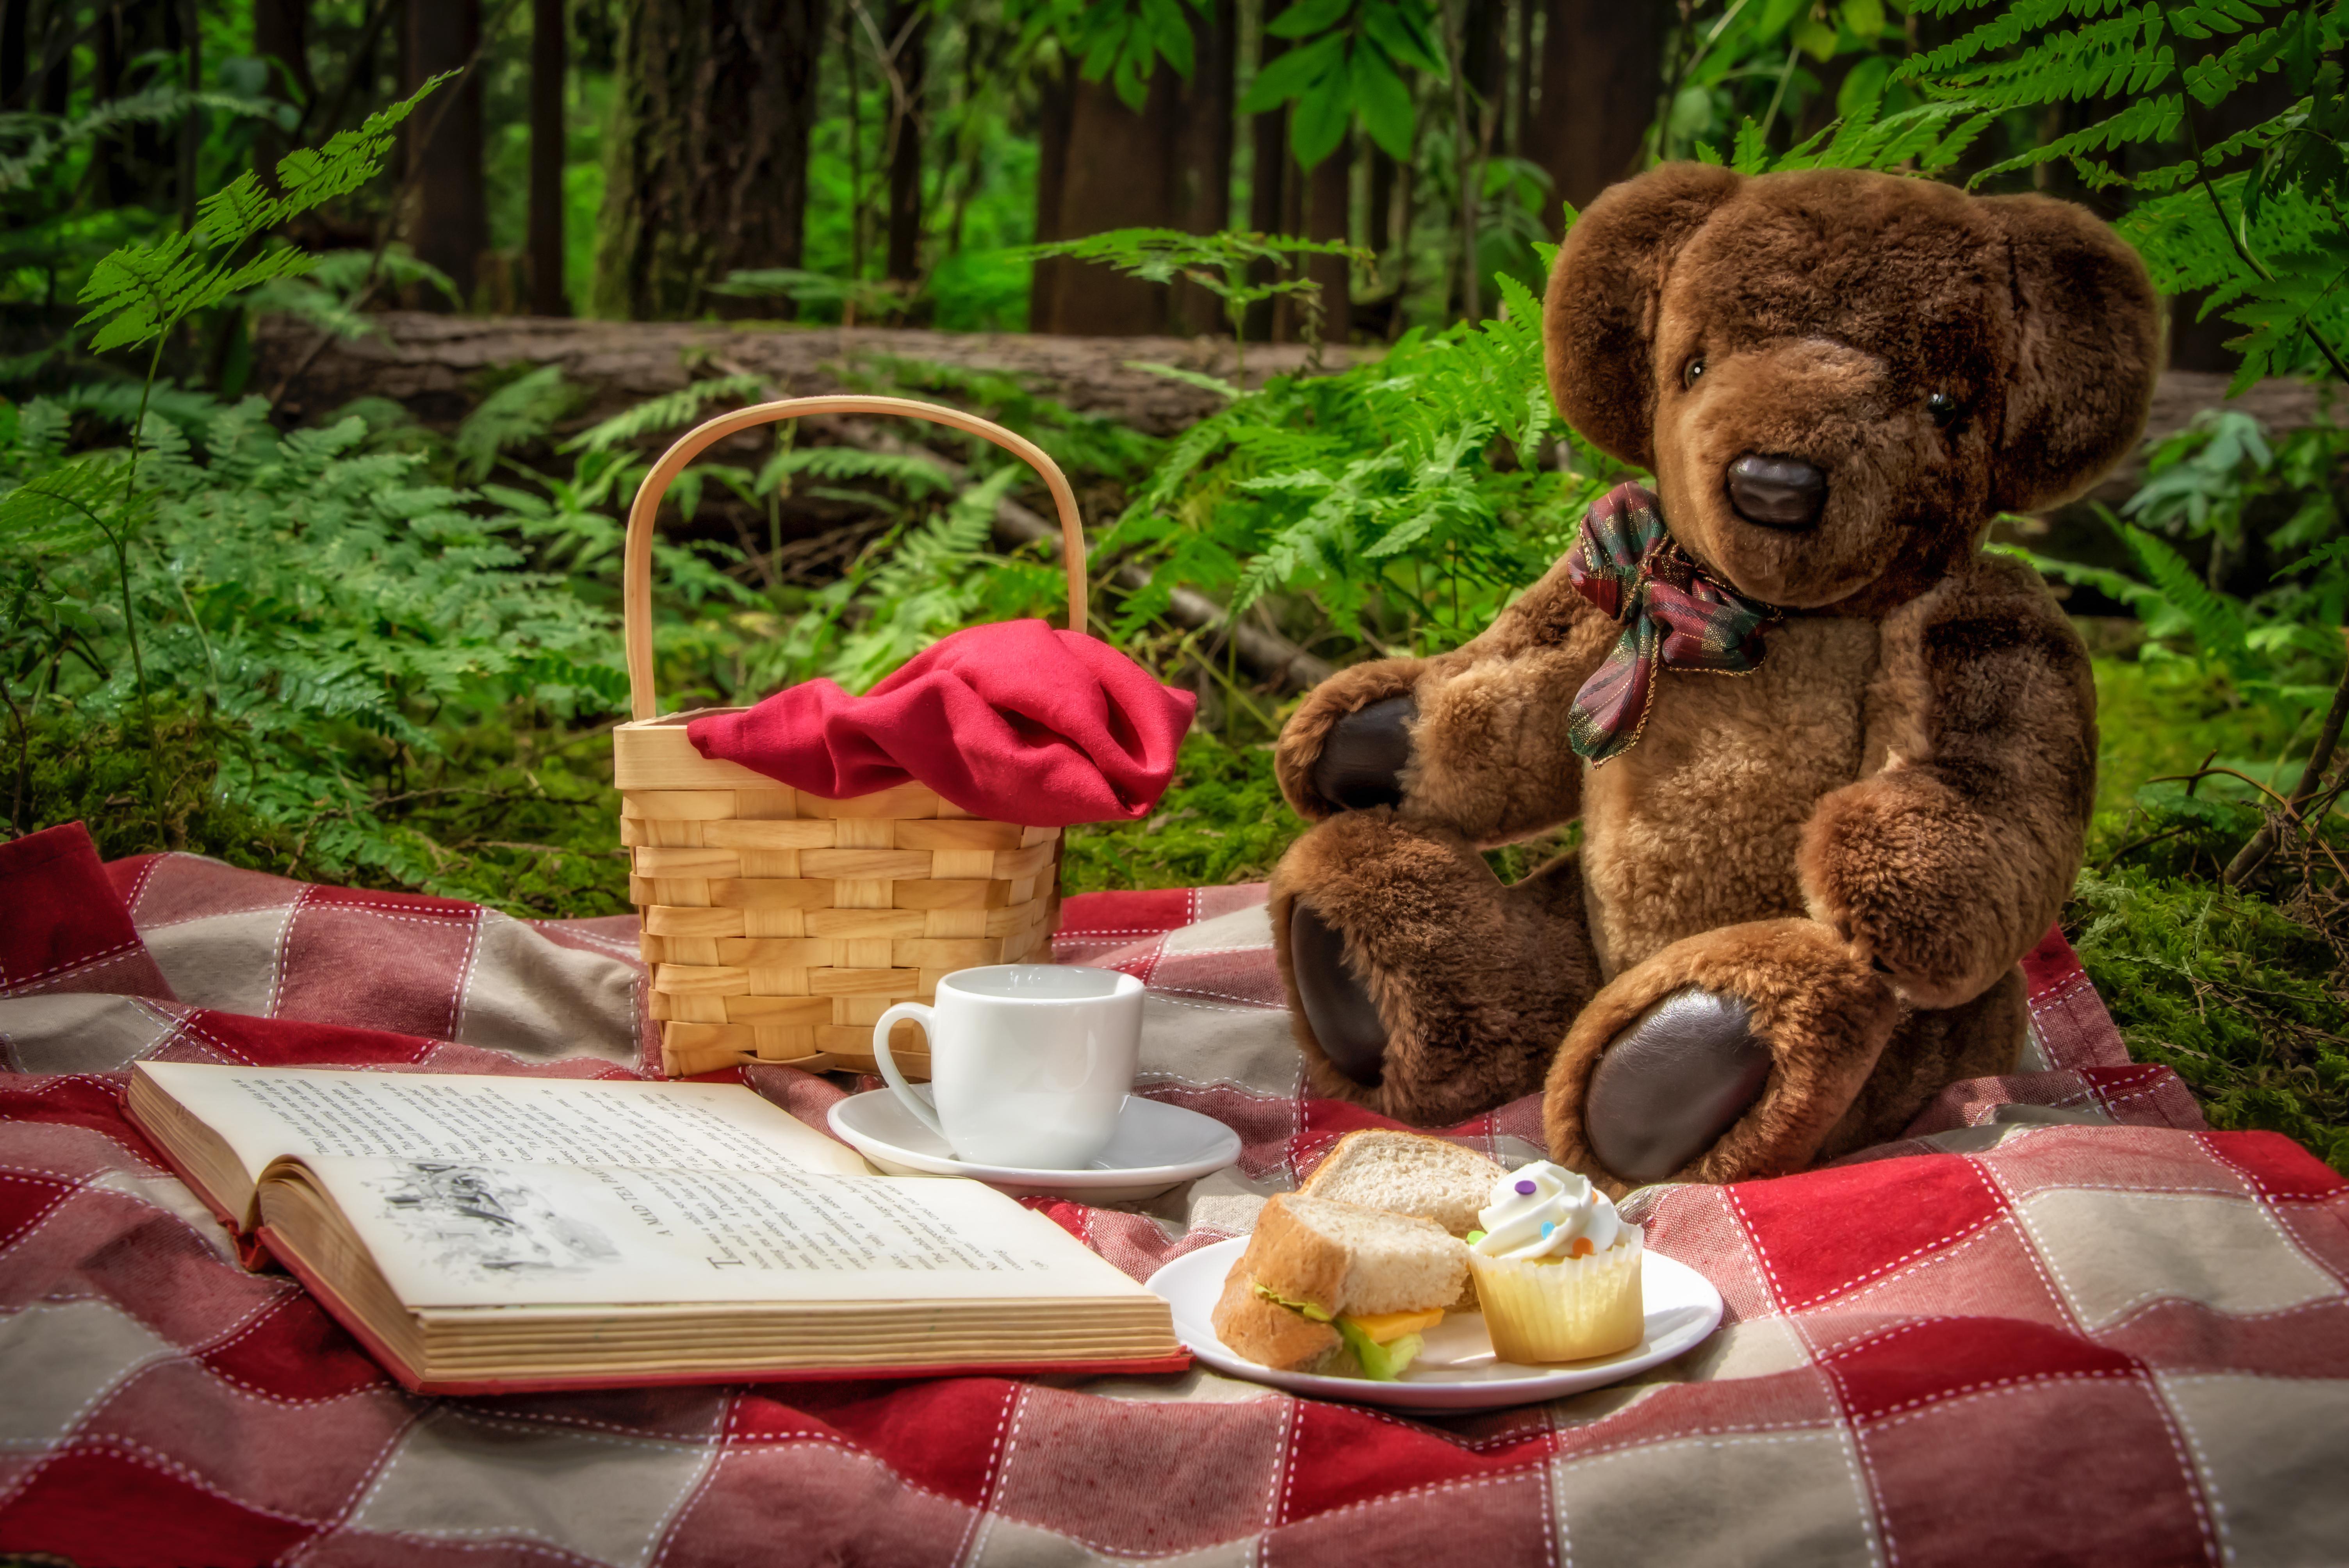 участков картинки чай и медведь его сюрреалистических